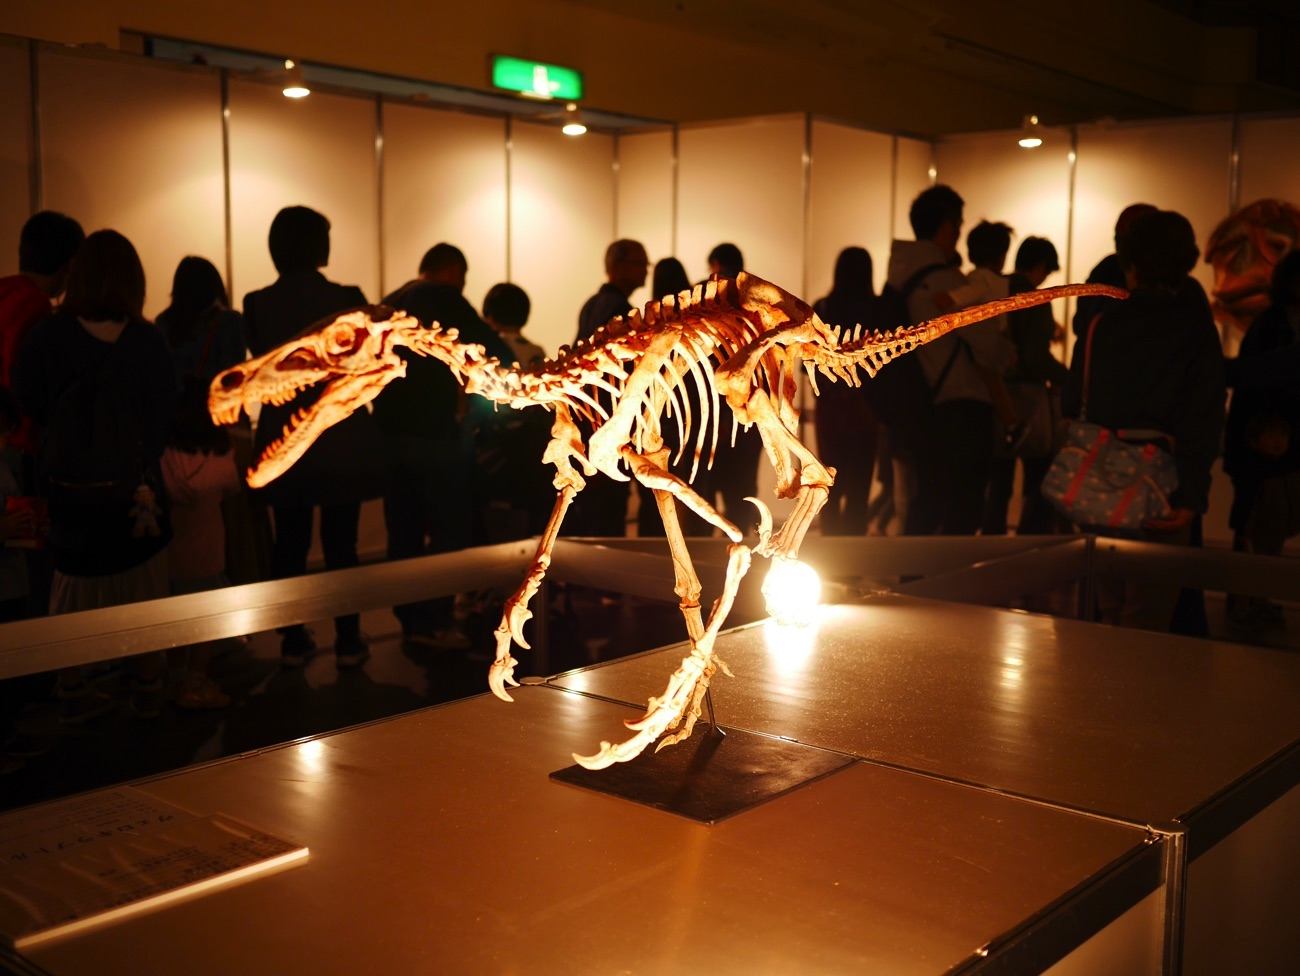 ヴェロキラプトルの骨格模型